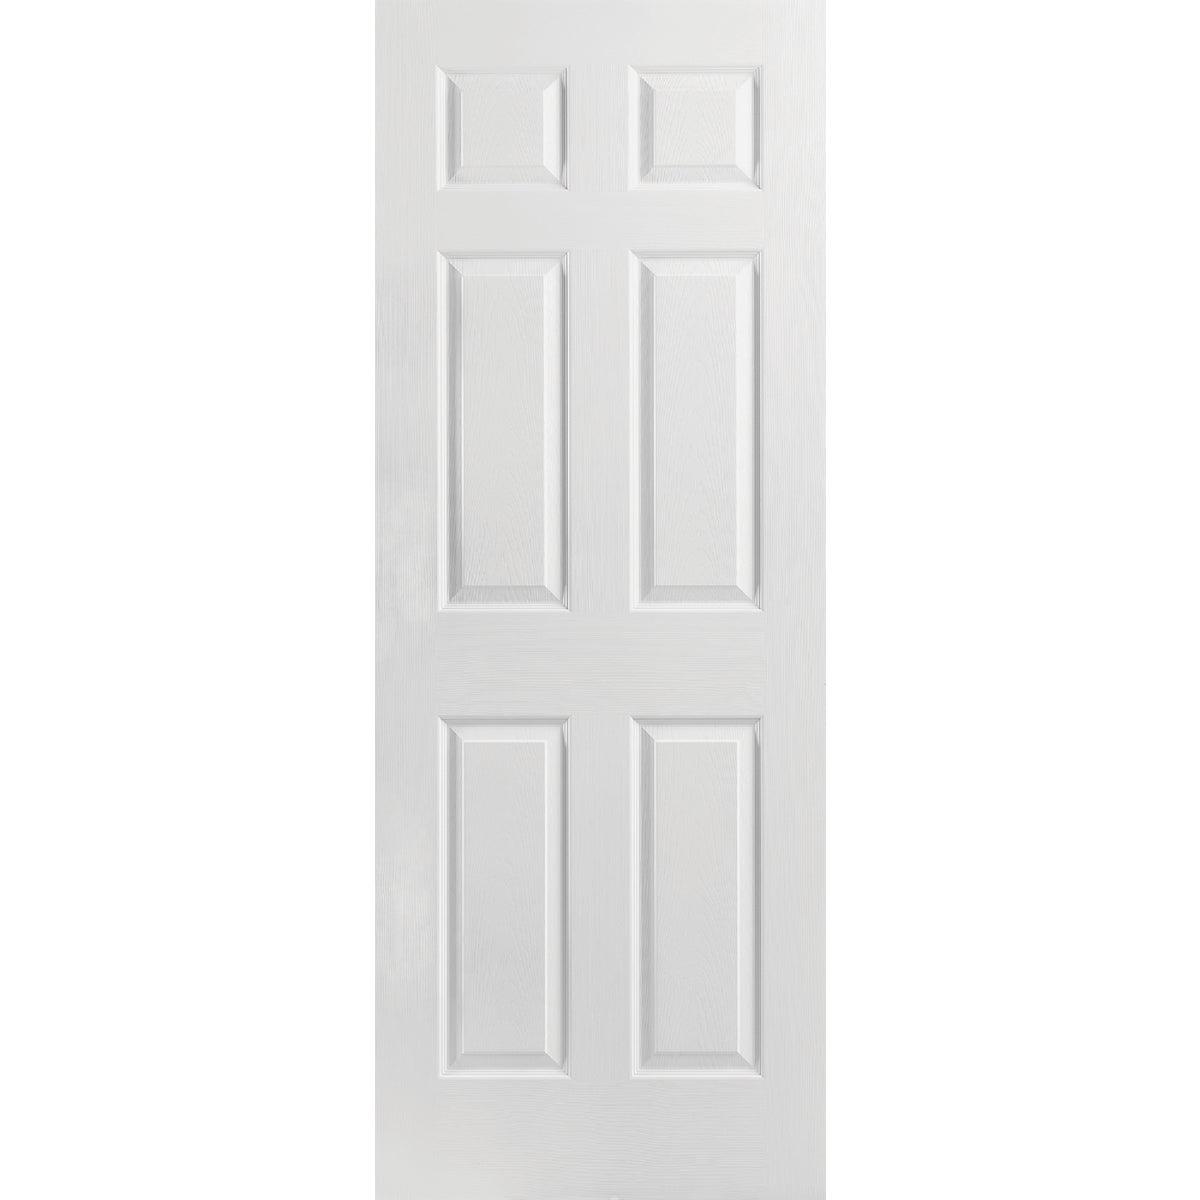 2/6 1-3/8 6PN TX HC DOOR